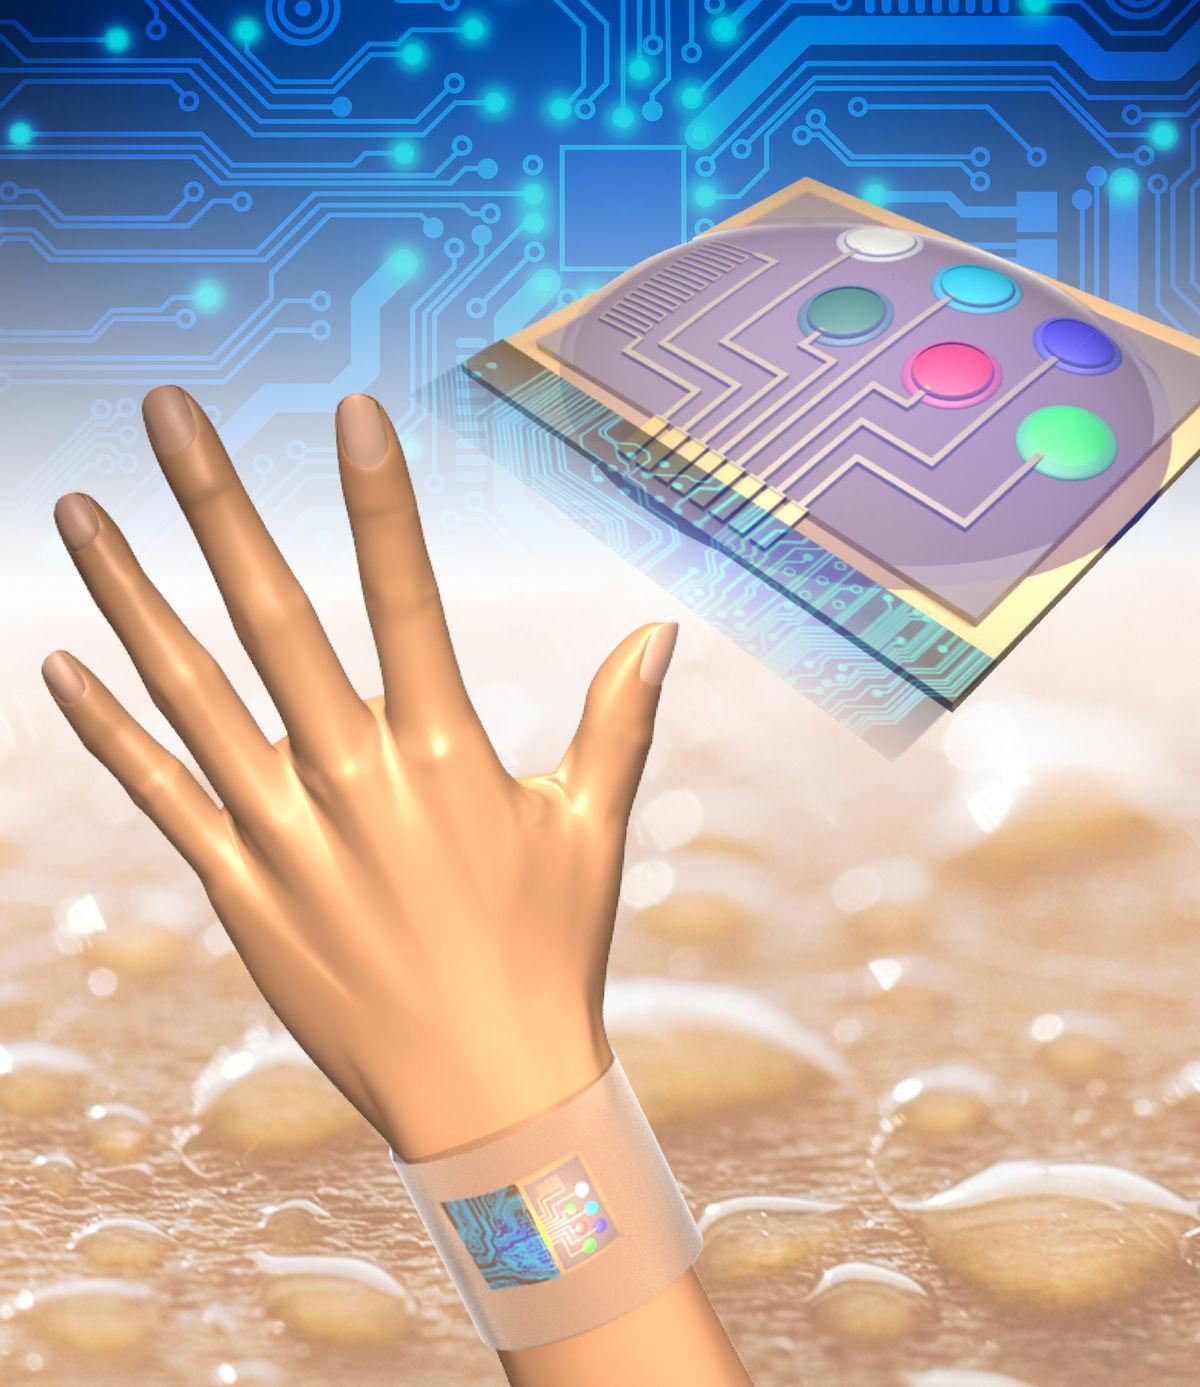 Päť senzorov meria zloženie potu a čip údaje vysiela do smasrtfónu.